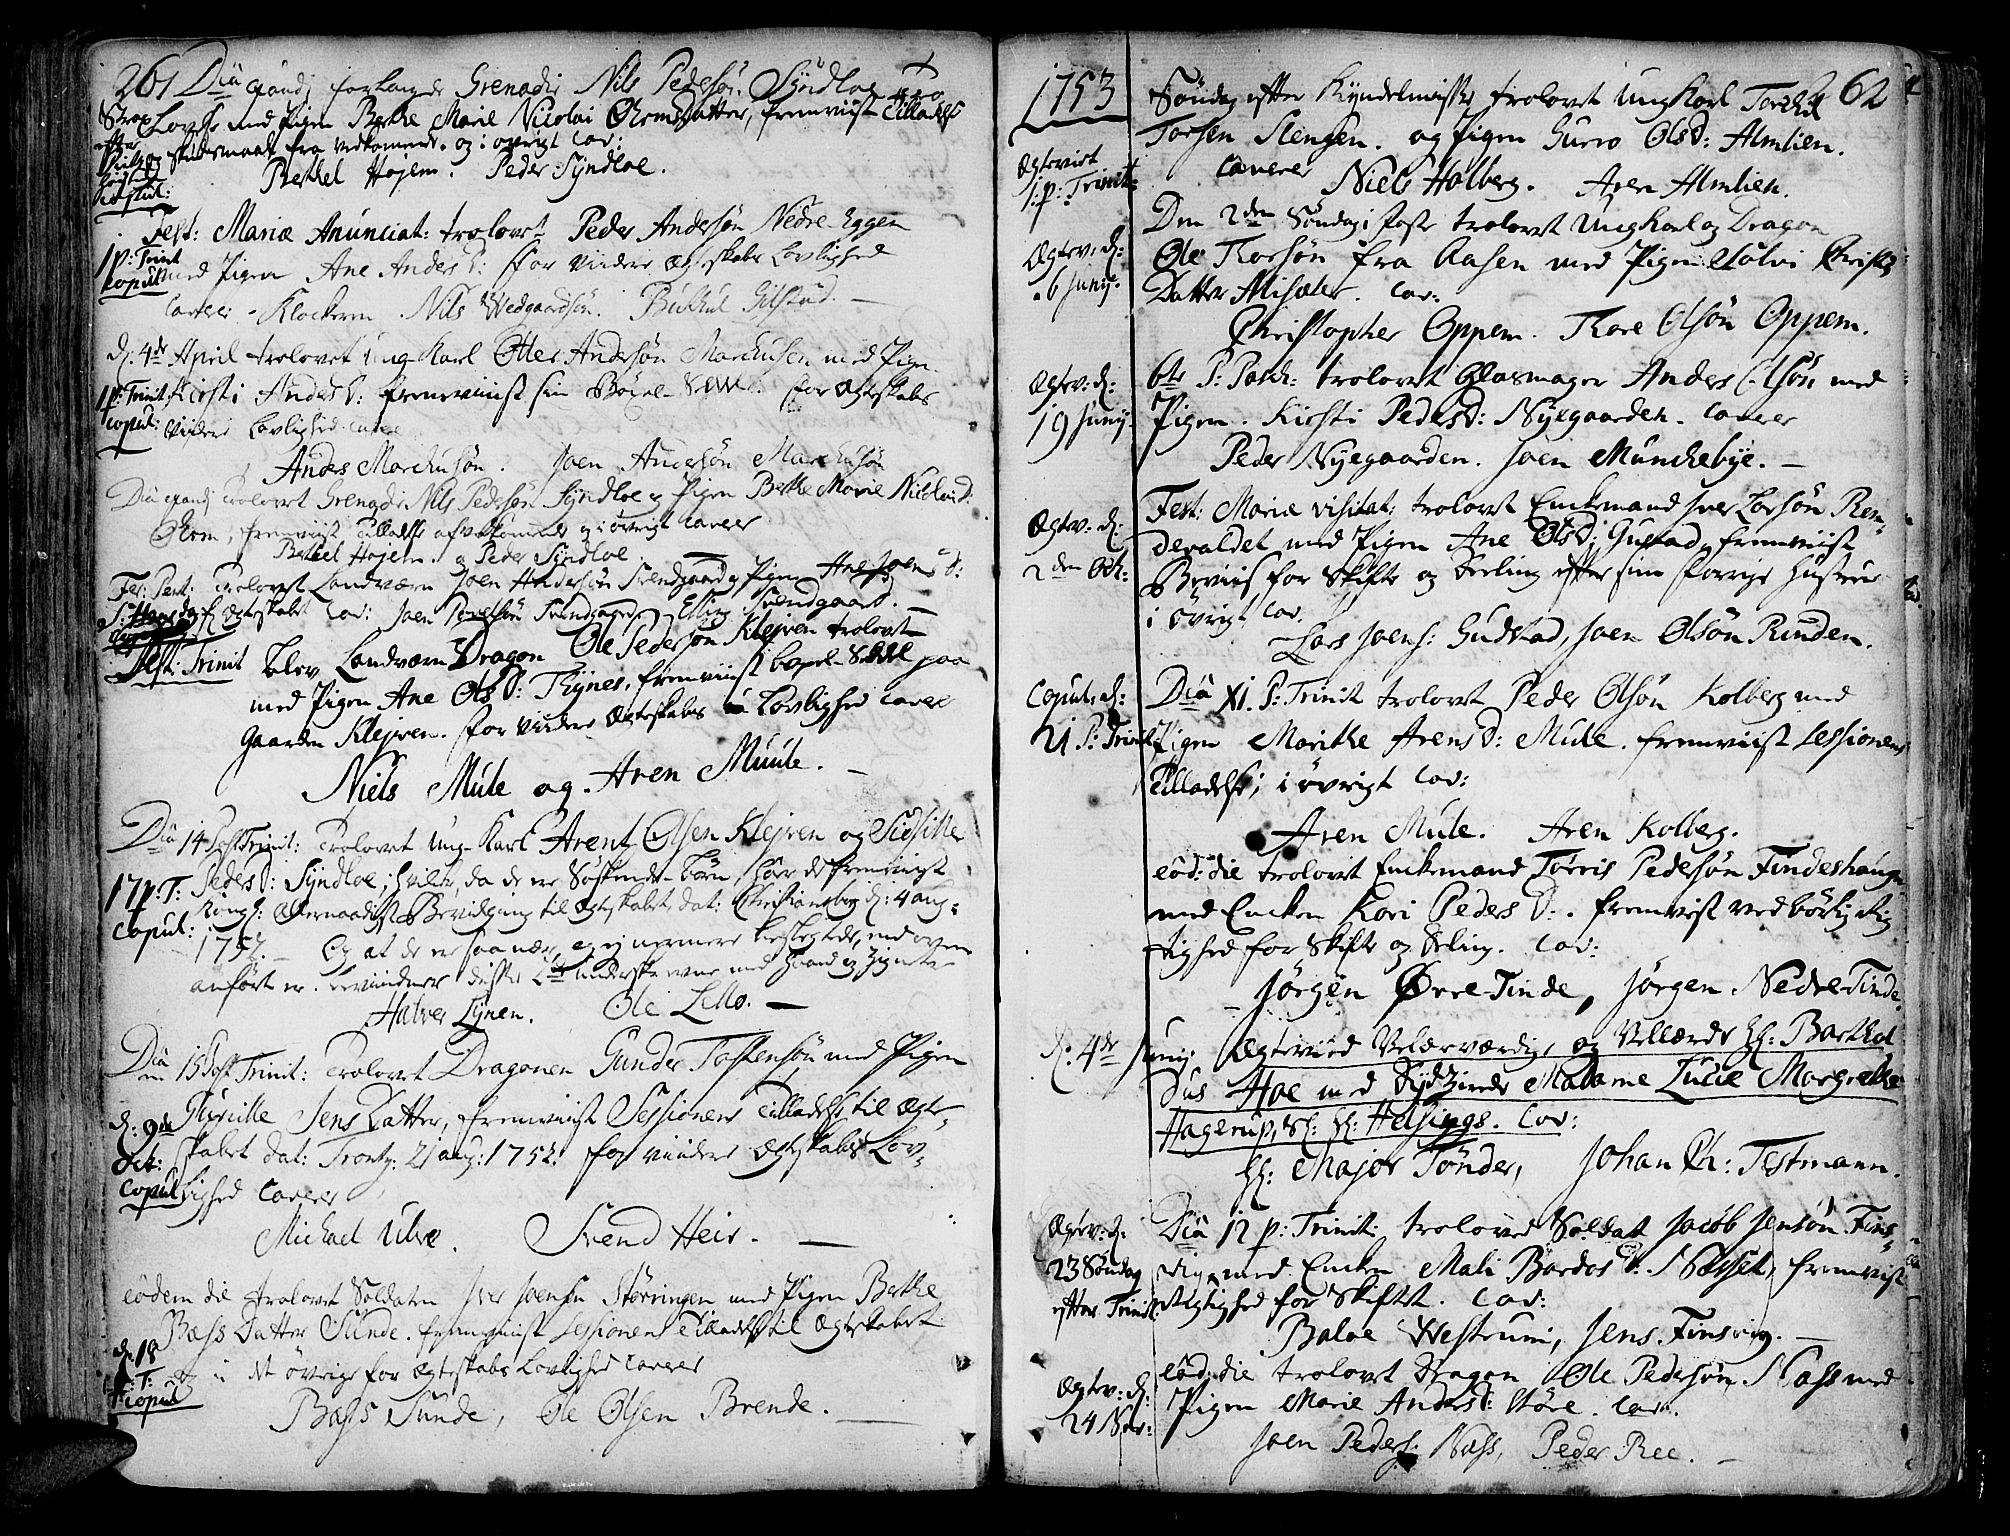 SAT, Ministerialprotokoller, klokkerbøker og fødselsregistre - Nord-Trøndelag, 717/L0141: Ministerialbok nr. 717A01, 1747-1803, s. 261-262